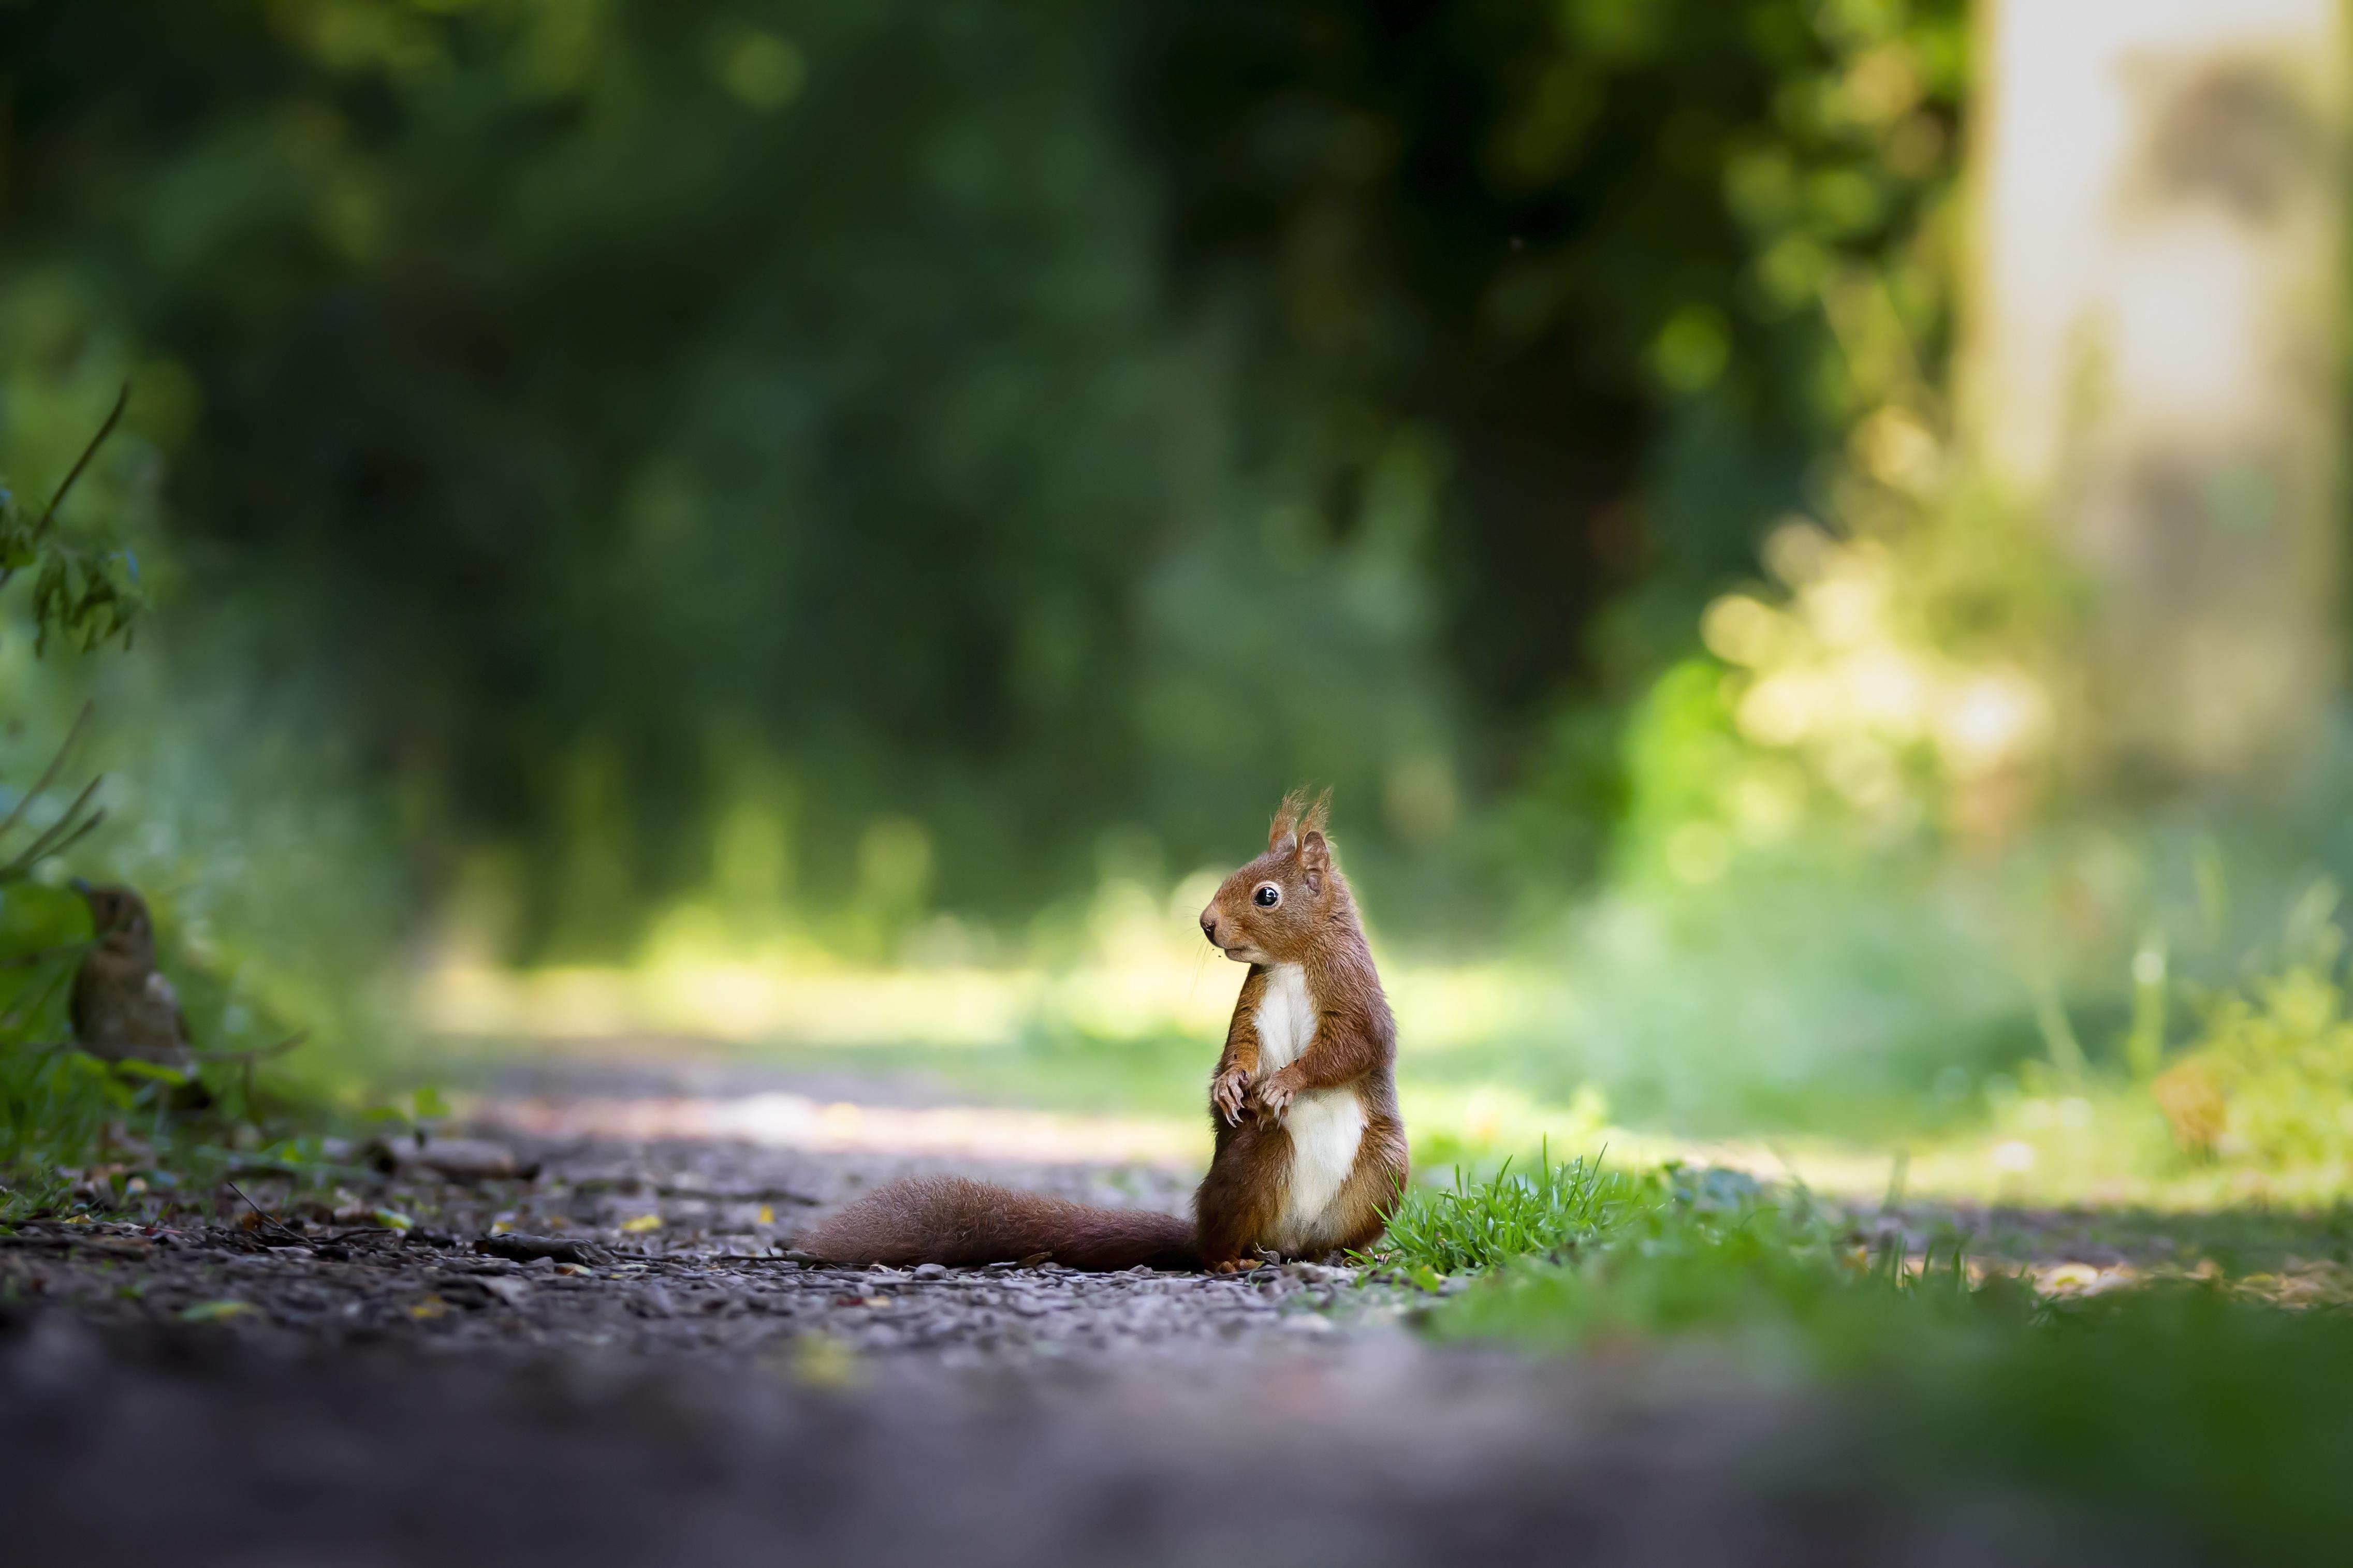 squirrels grass 1574938195 - Squirrels Grass -